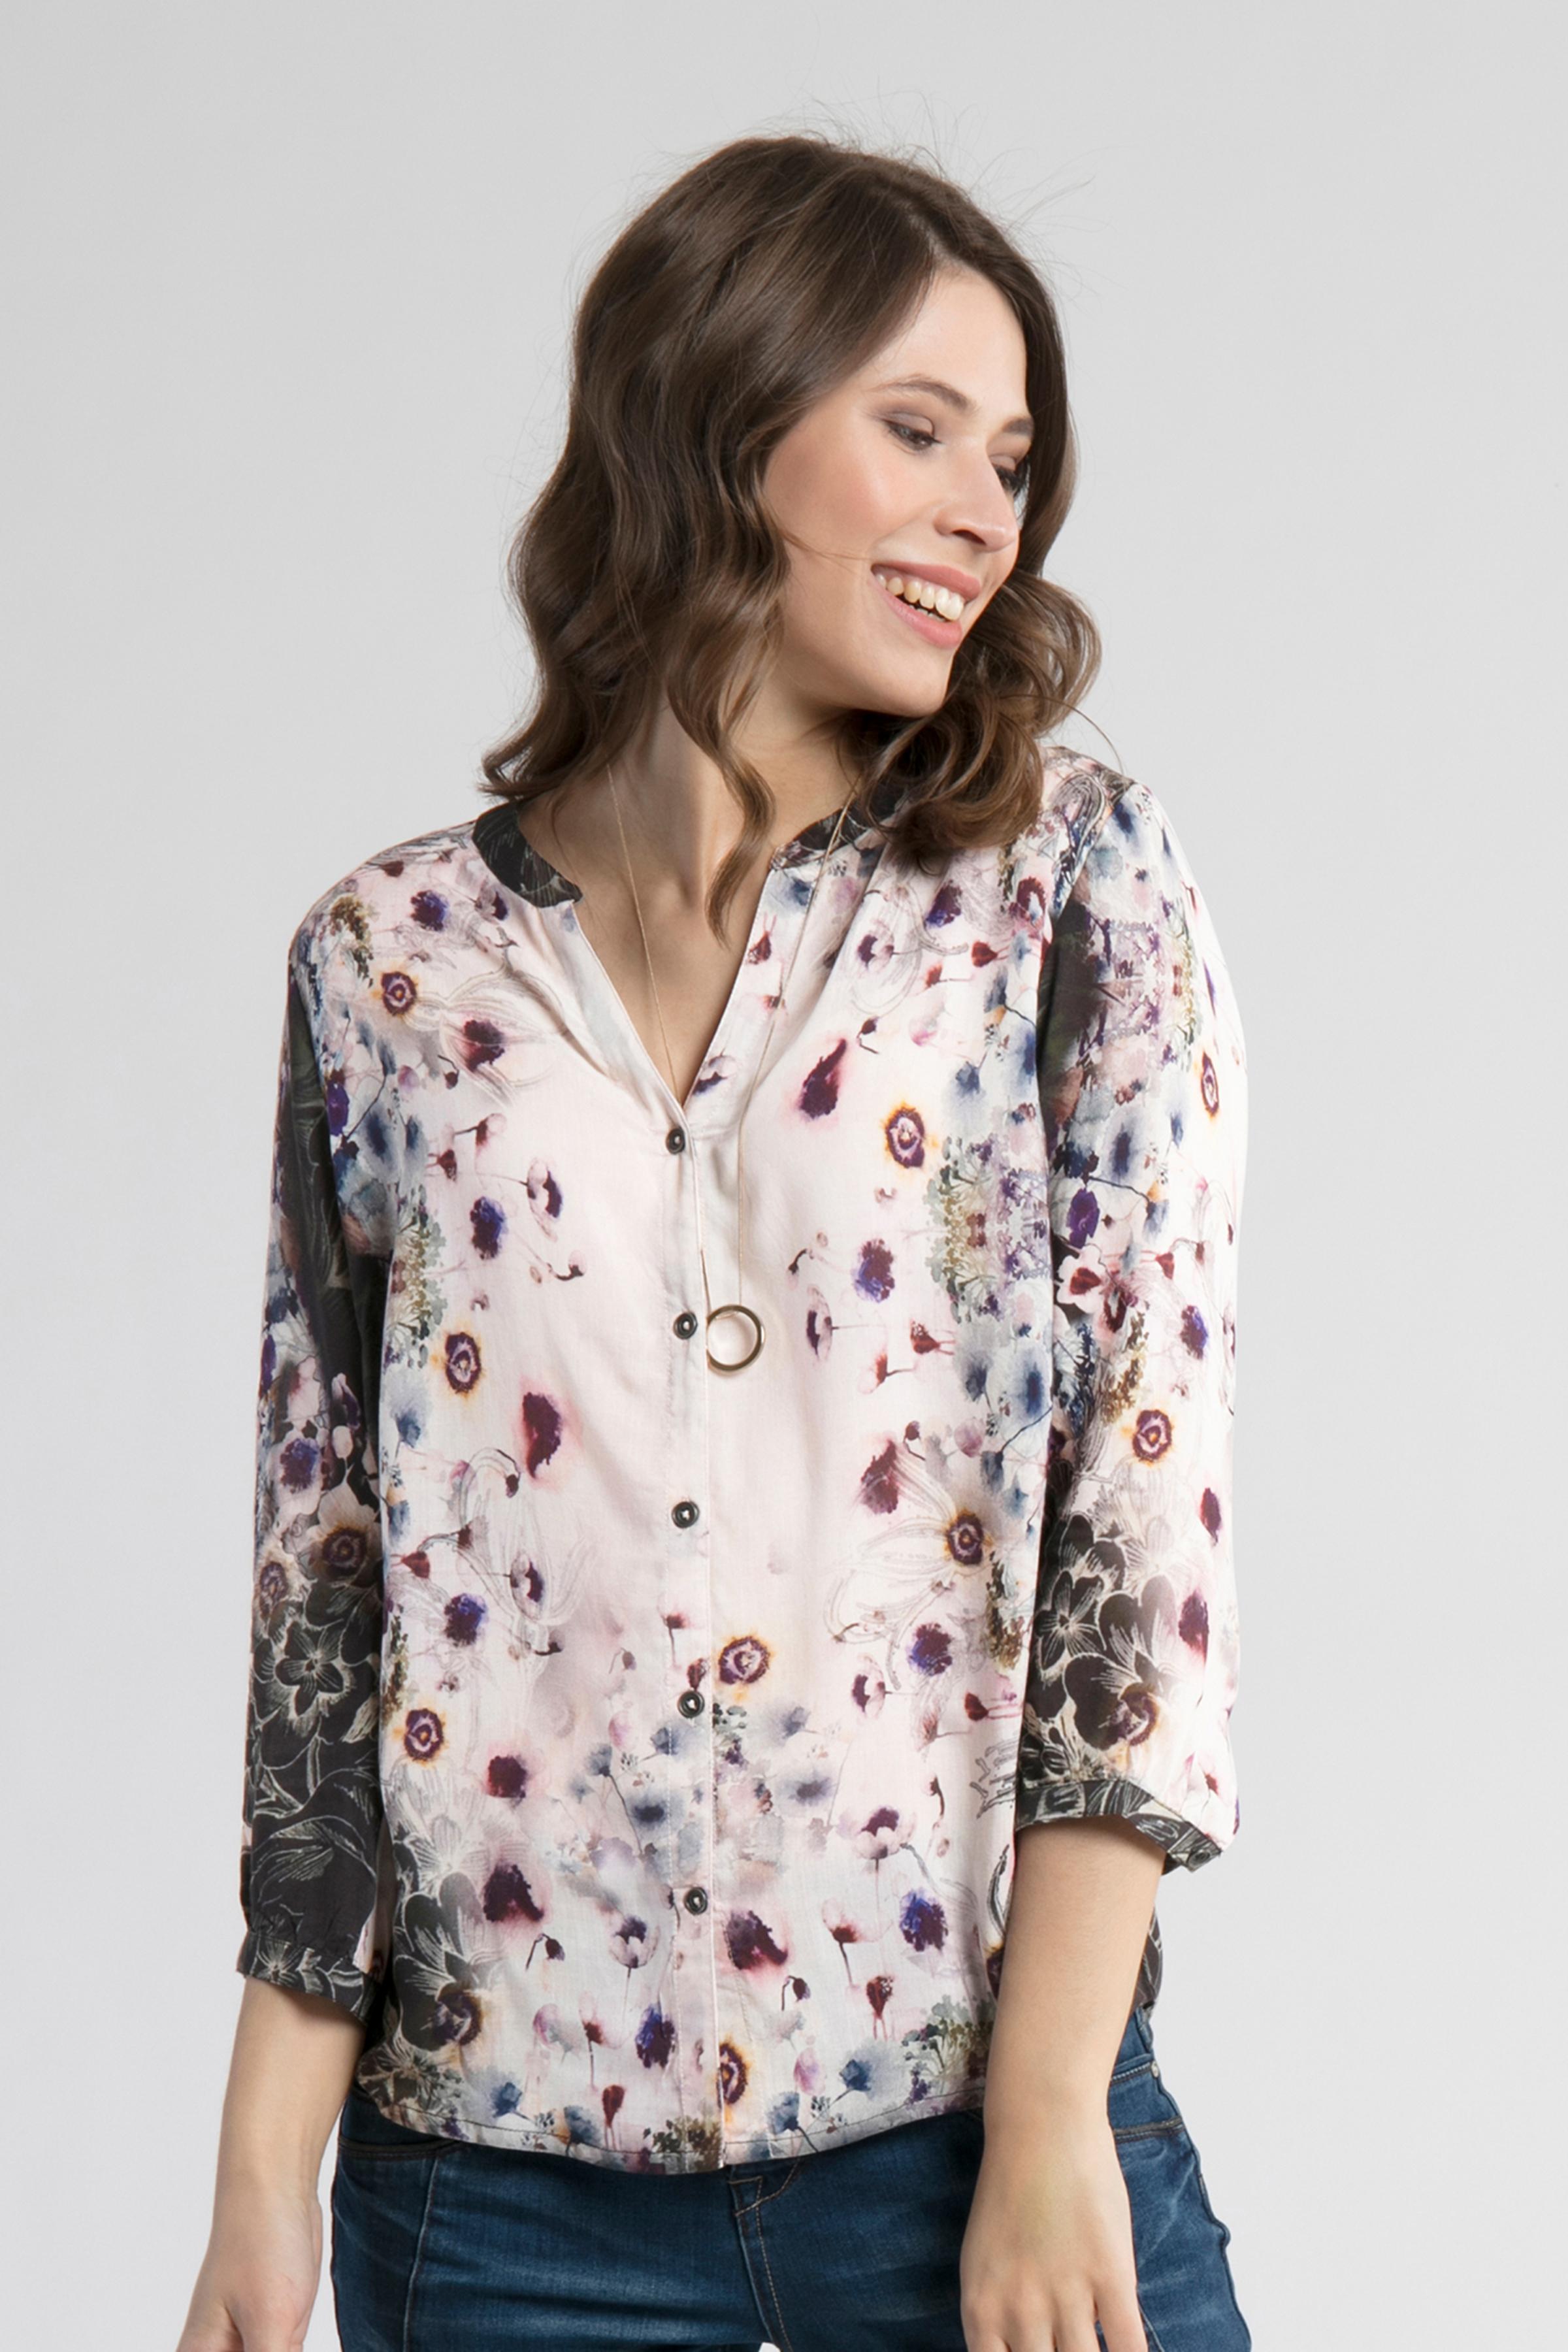 Wollweiß/aubergine Langarm-Hemd  von Cream – Shoppen Sie Wollweiß/aubergine Langarm-Hemd  ab Gr. 34-46 hier